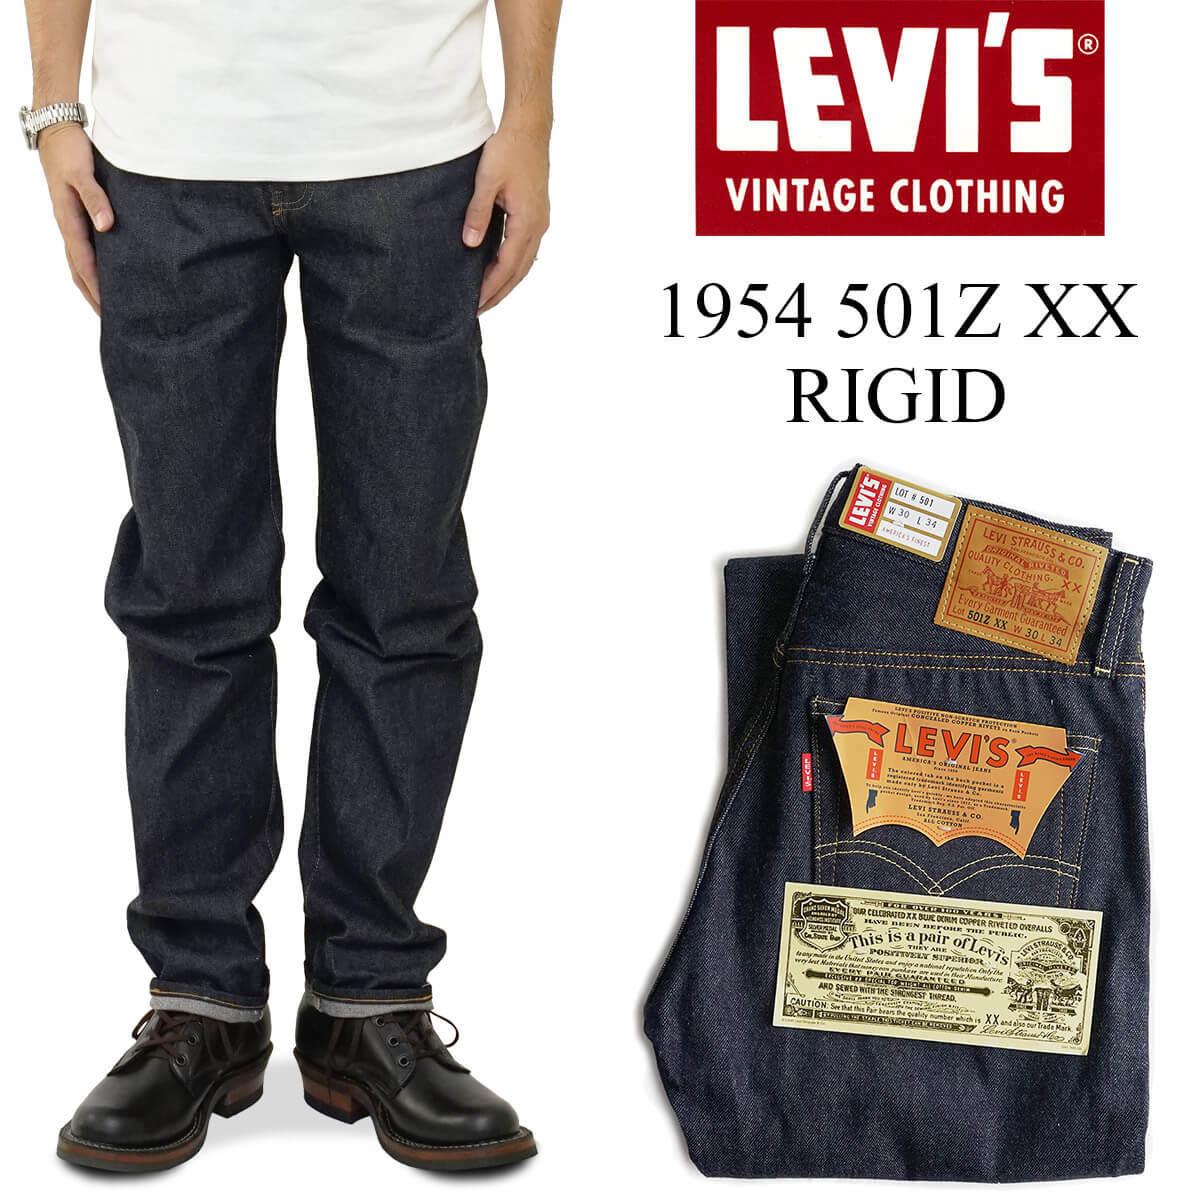 リーバイス ビンテージ クロージング LEVI'S VINTAGE CLOTHING 1954's 501ZXX リジッド (LVC 50154-0090 RIGID ブルガリア製)